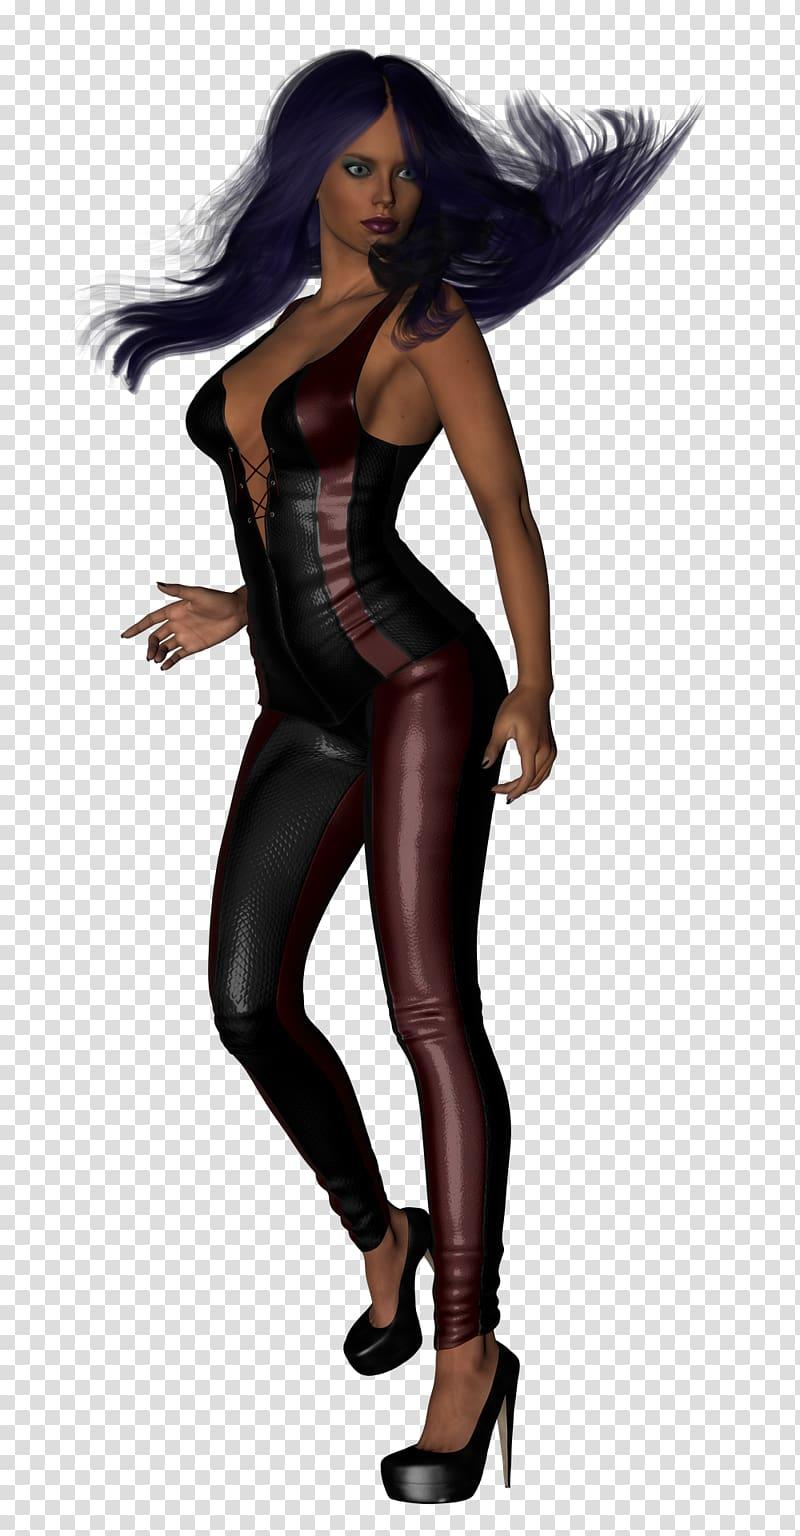 Legendary creature Leggings Pin-up girl Hip Supernatural, Fantasies PNG